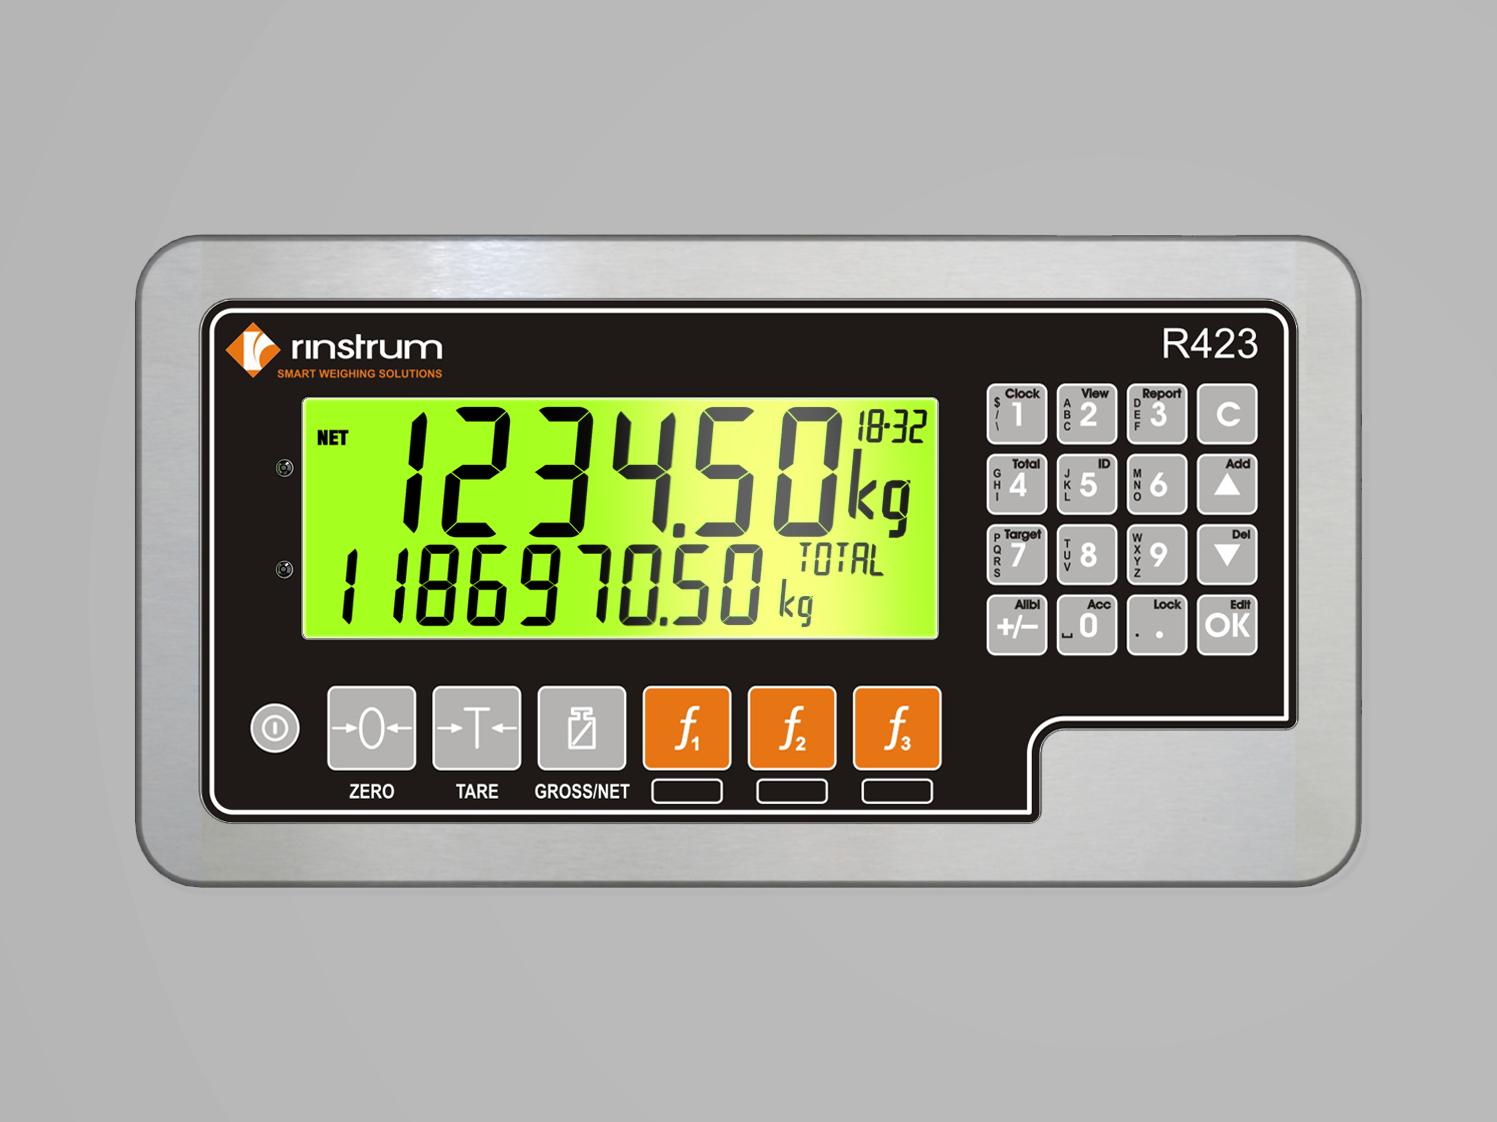 Indicato r423 rinstrum, Indicato r423 rinstrum, dau-can-r423_1397242750.jpg